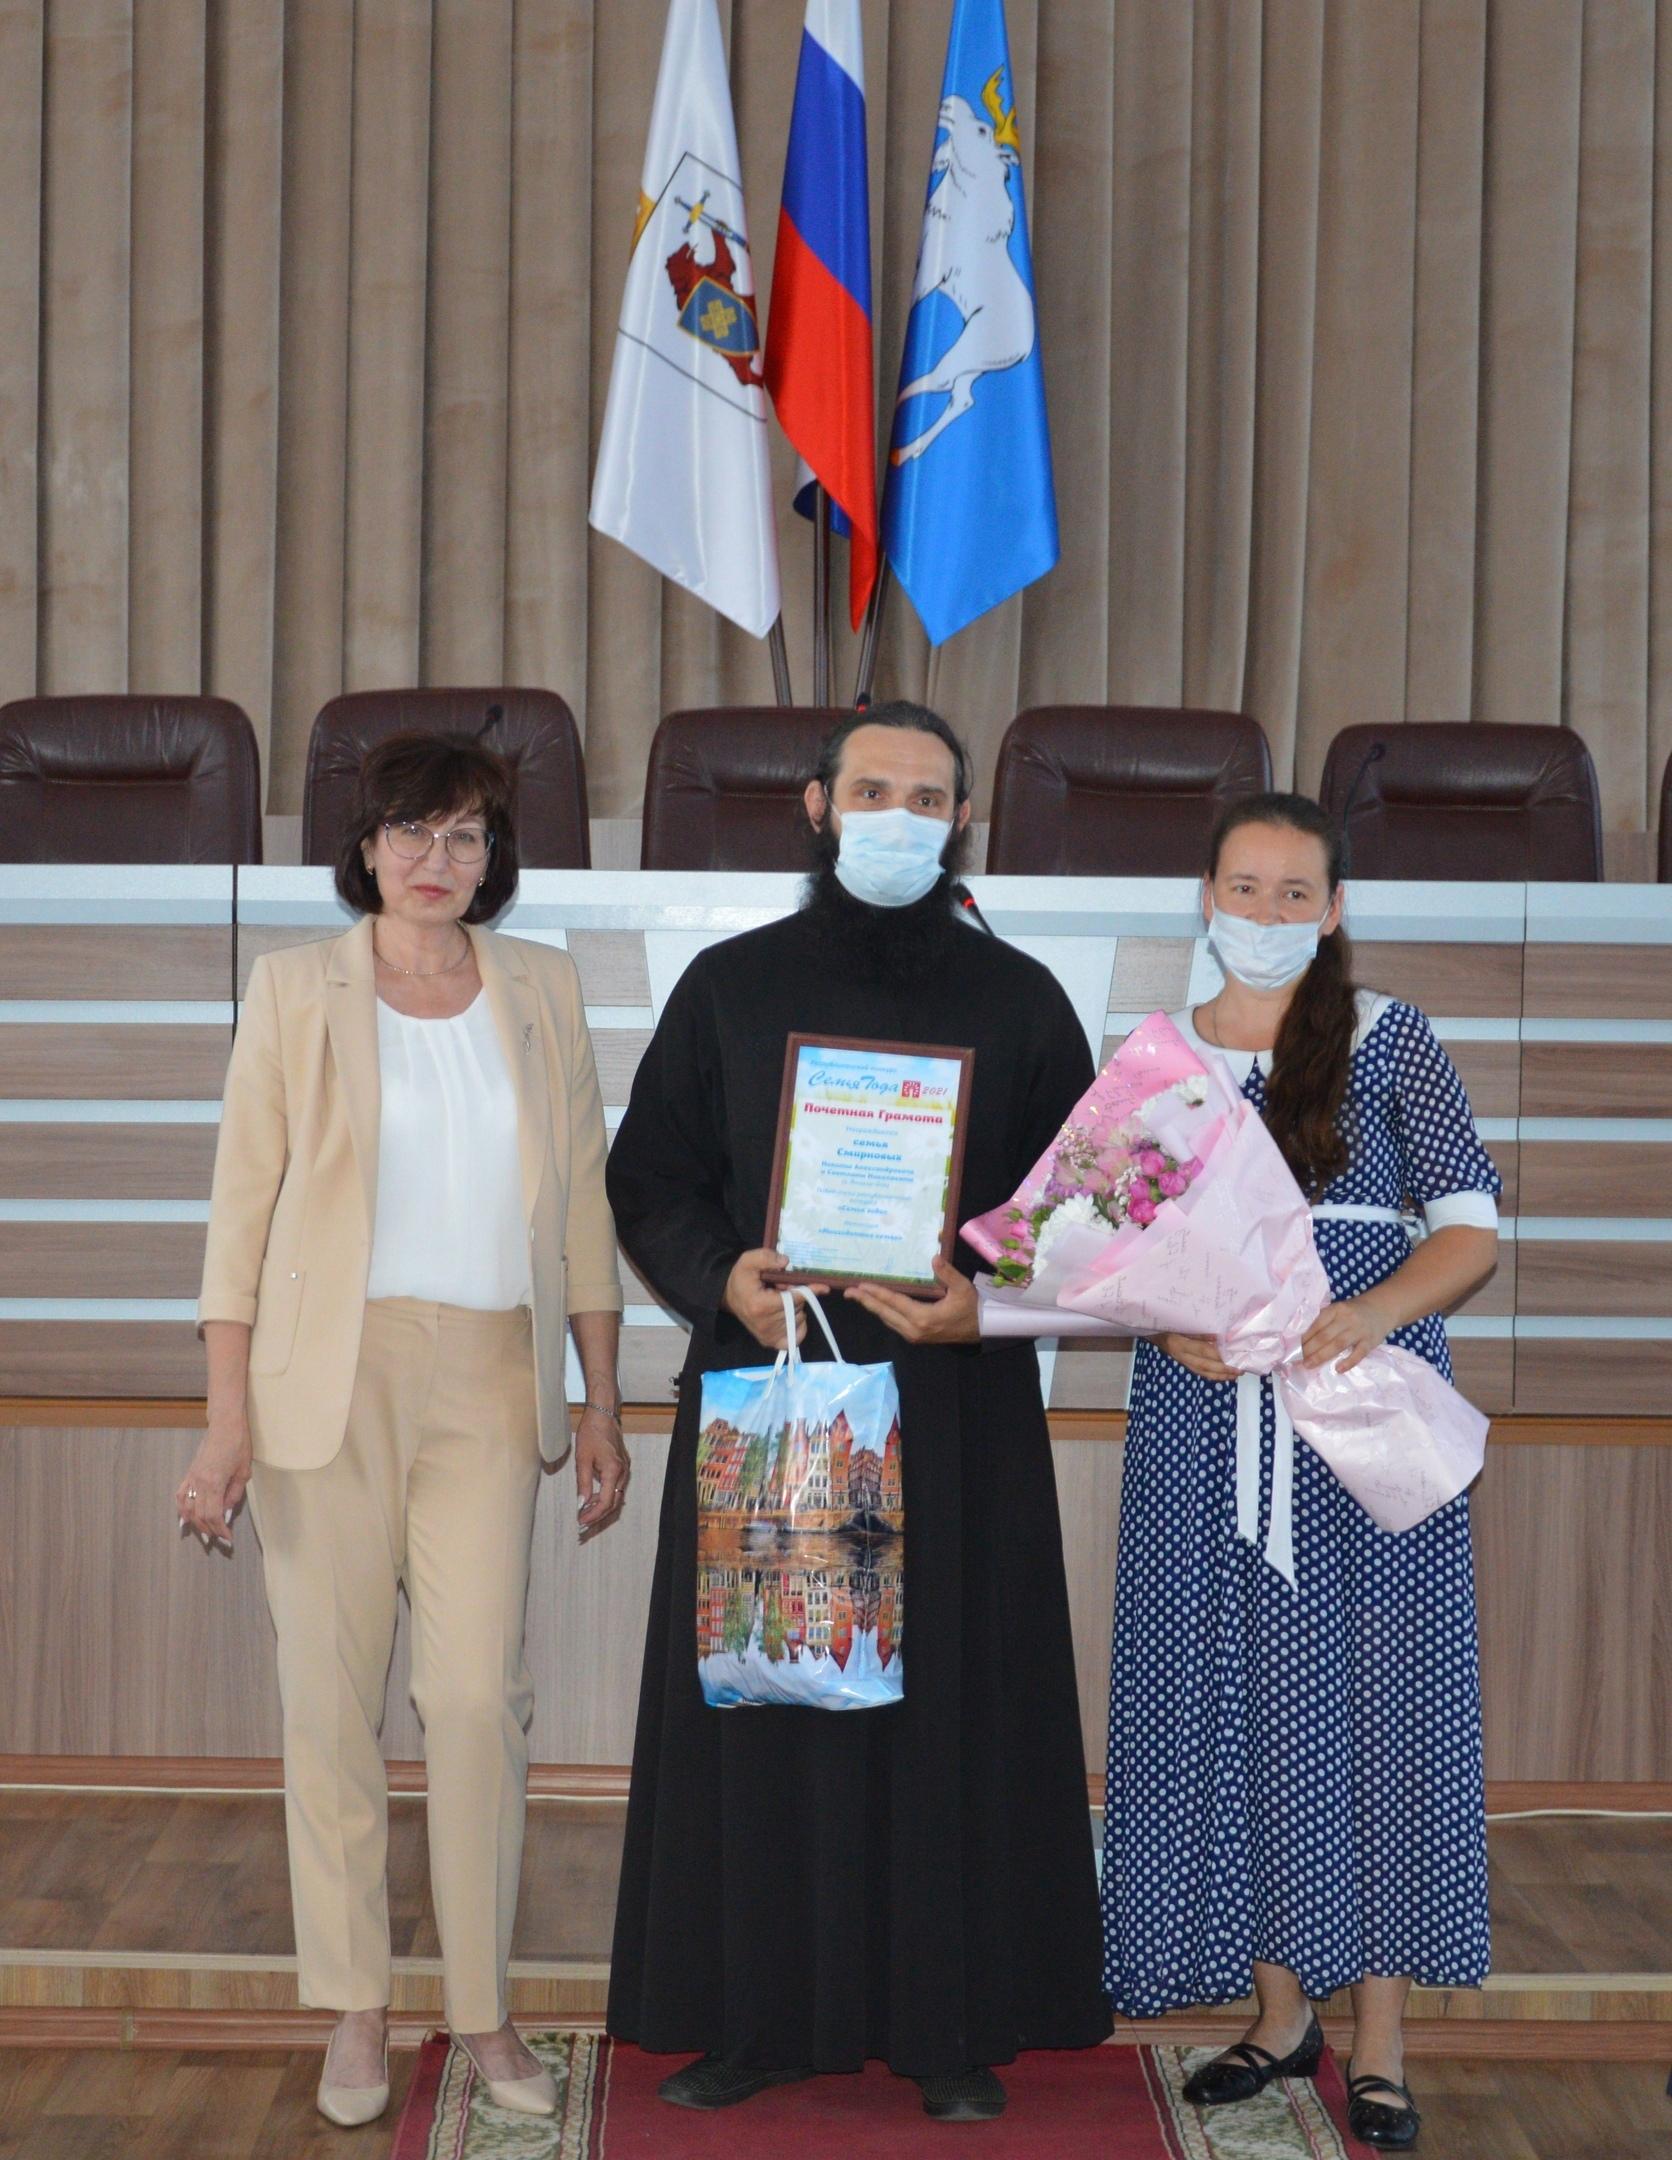 Семья Смирновых из Марий Эл стала победителем Всероссийского конкурса «Семья года»